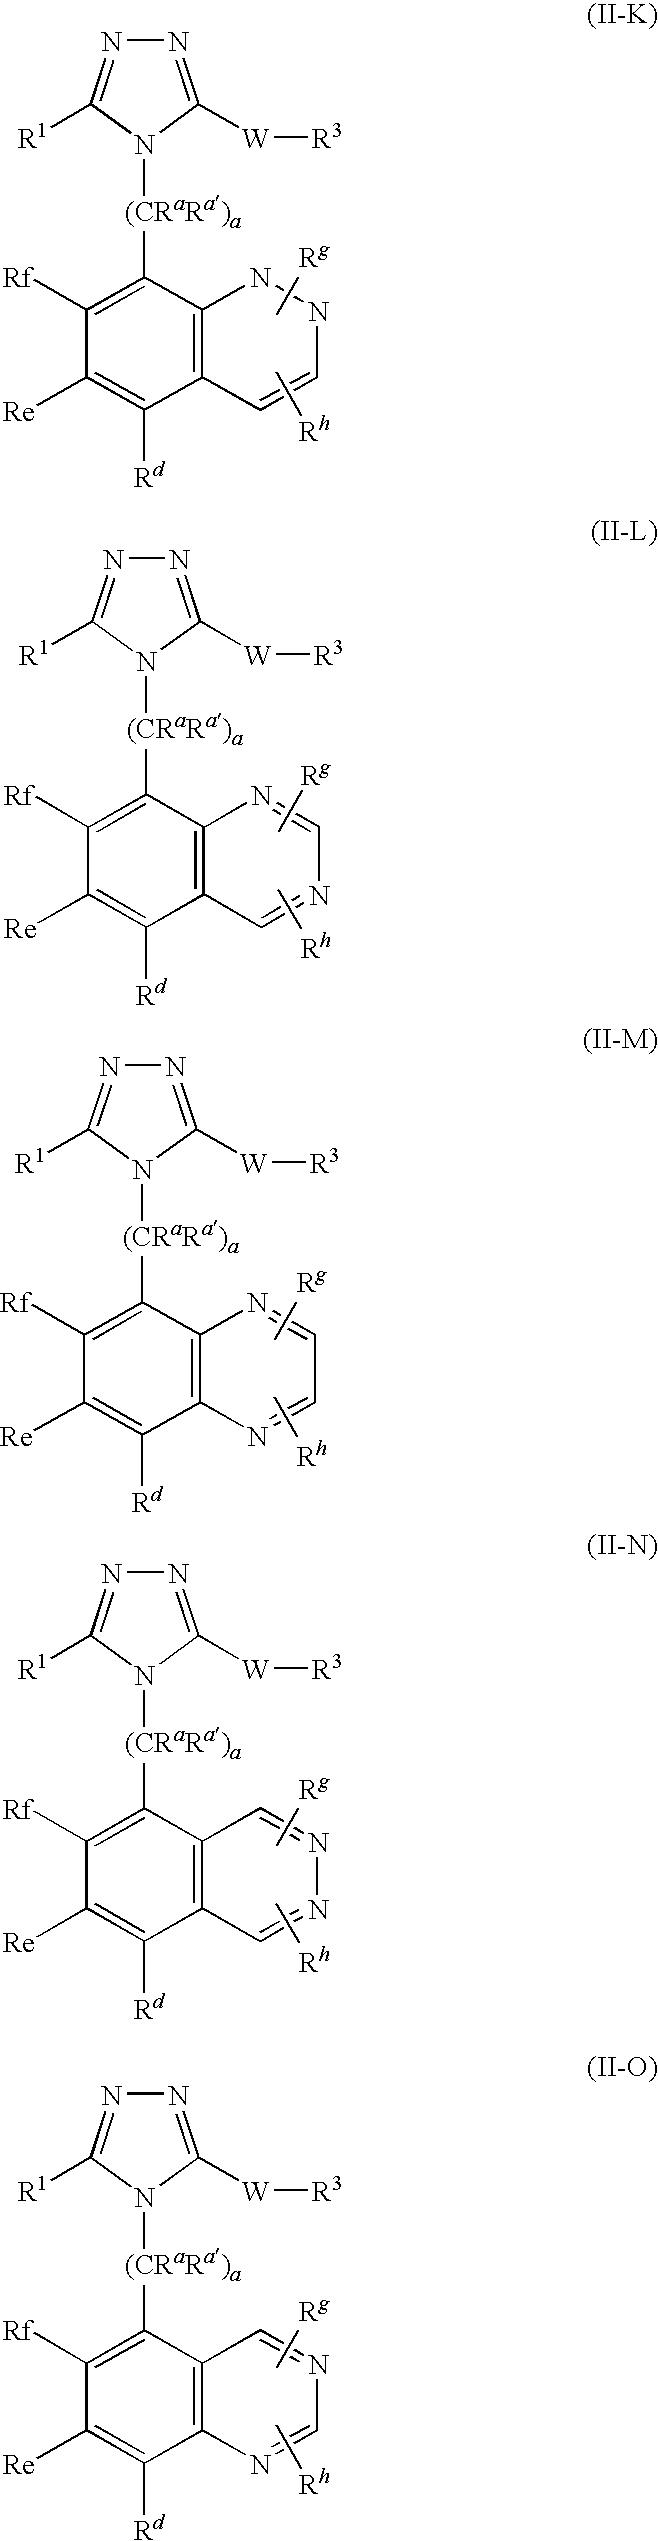 Figure US08242154-20120814-C00046